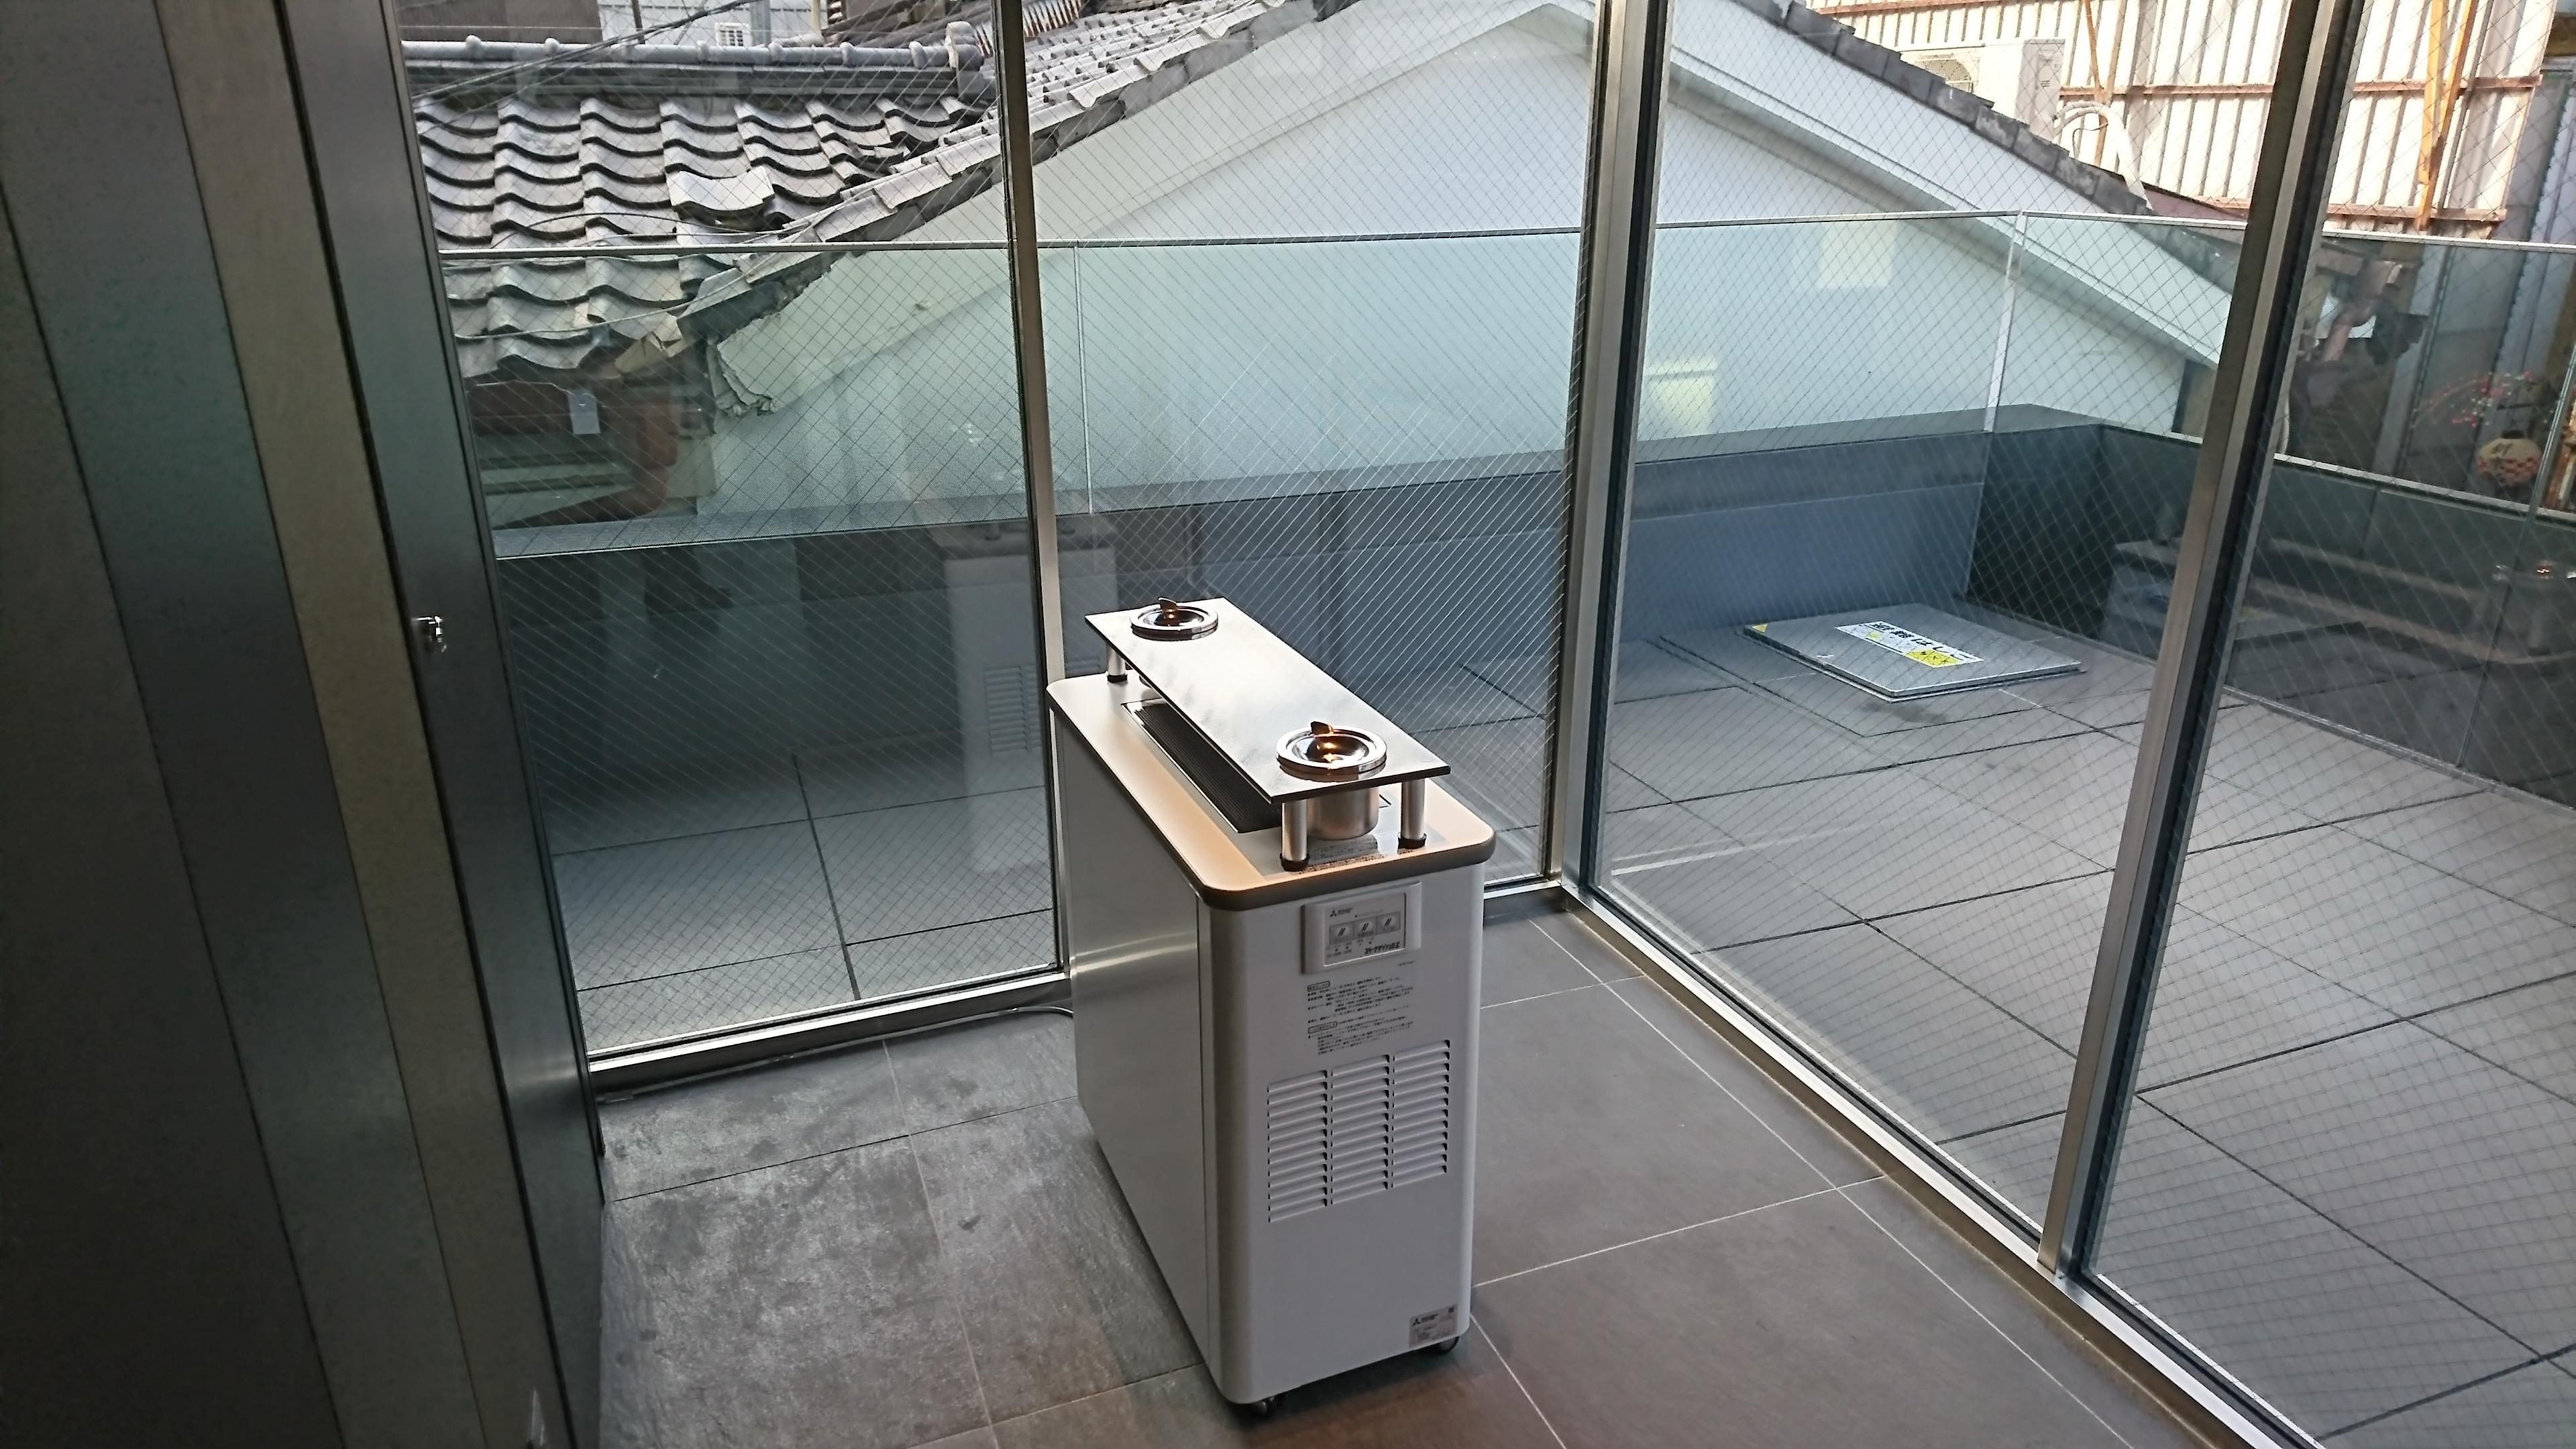 喫煙スペース.JPG